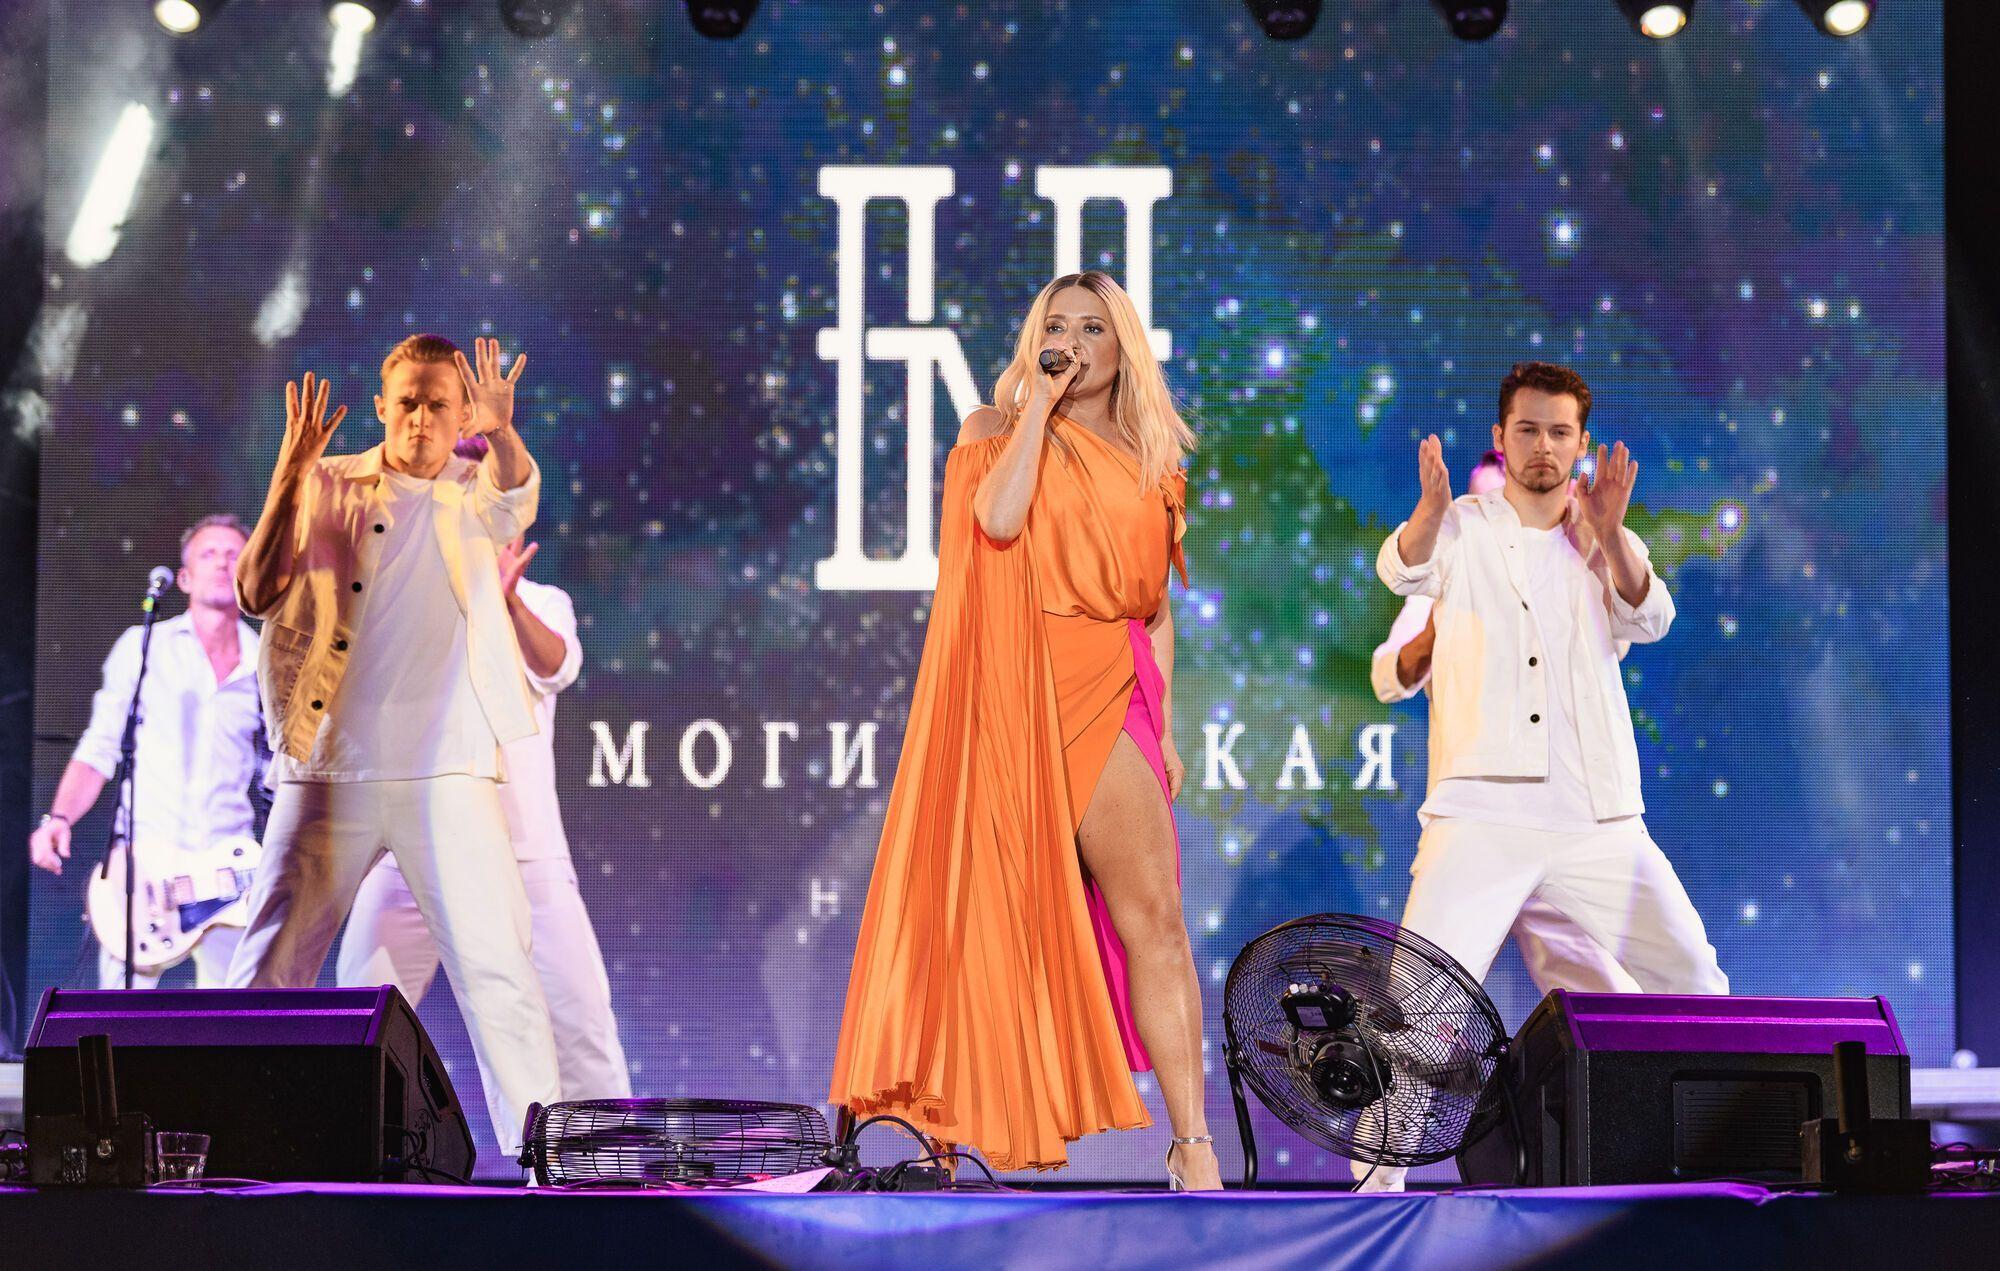 5 вересня місту Костянтинівка Донецької області виповнилося 150 років